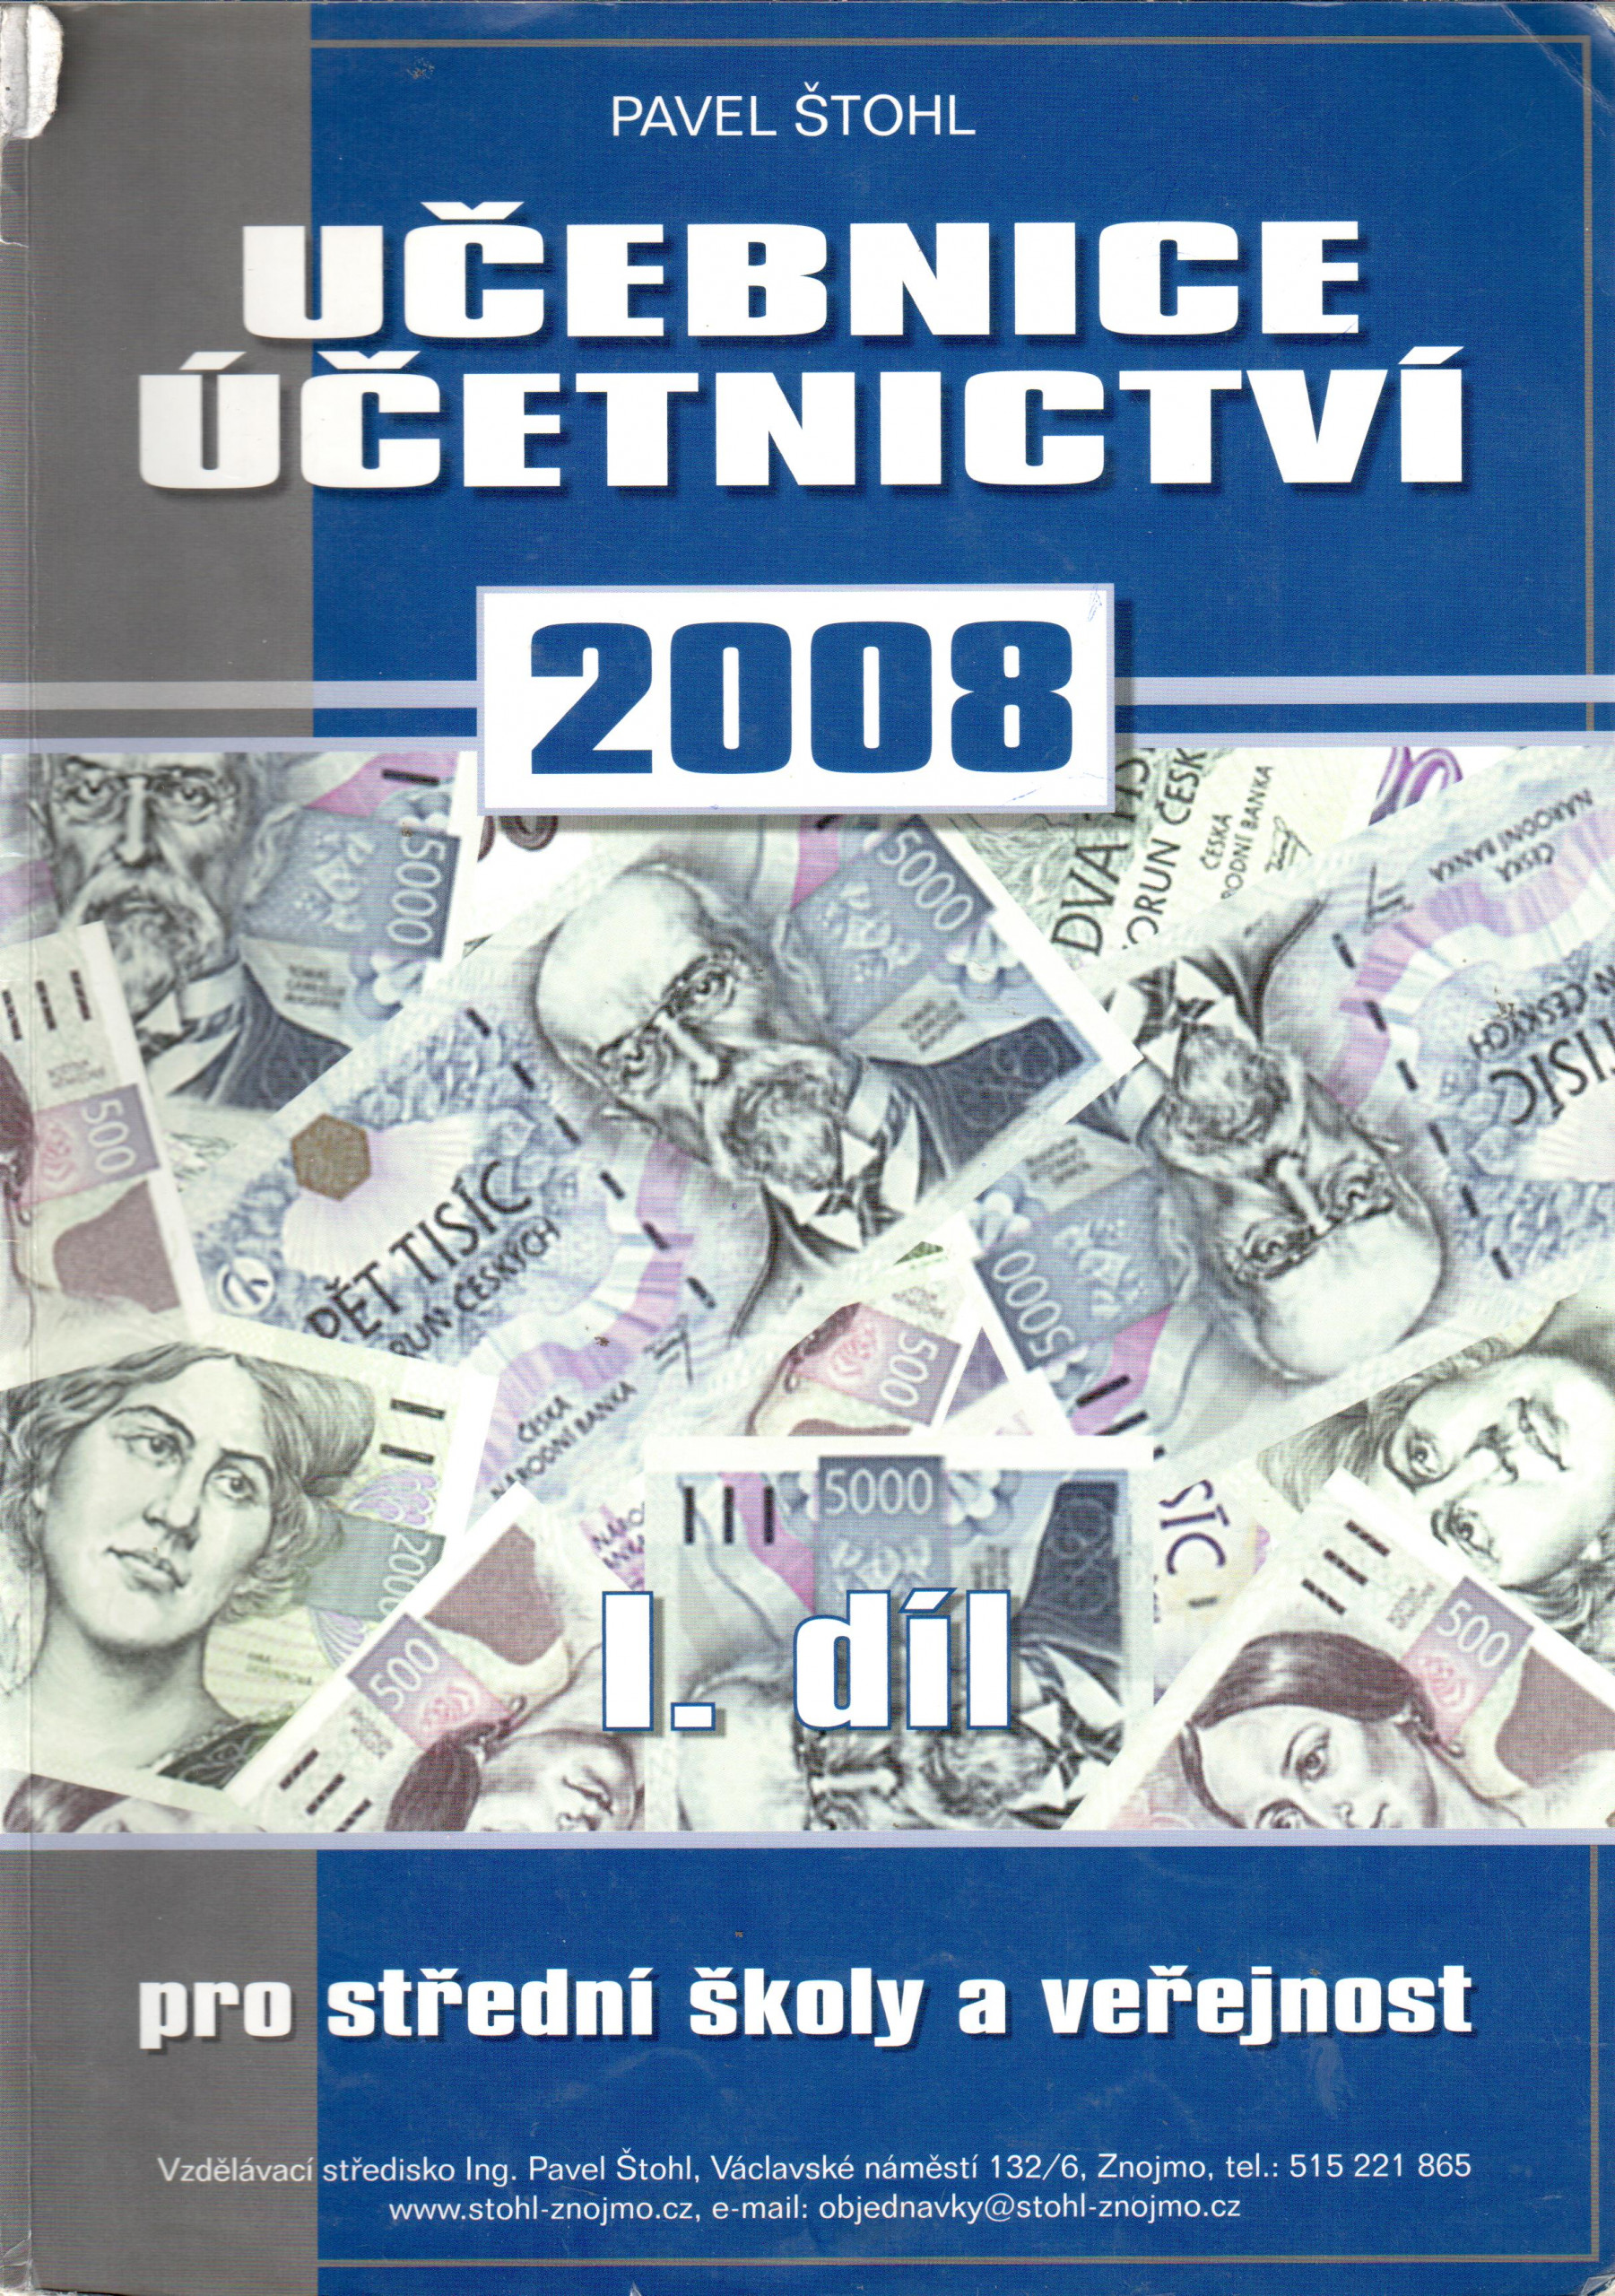 Učebnice účetnictví 2008 pro střední školy a veřejnost (1. díl) - Náhled učebnice